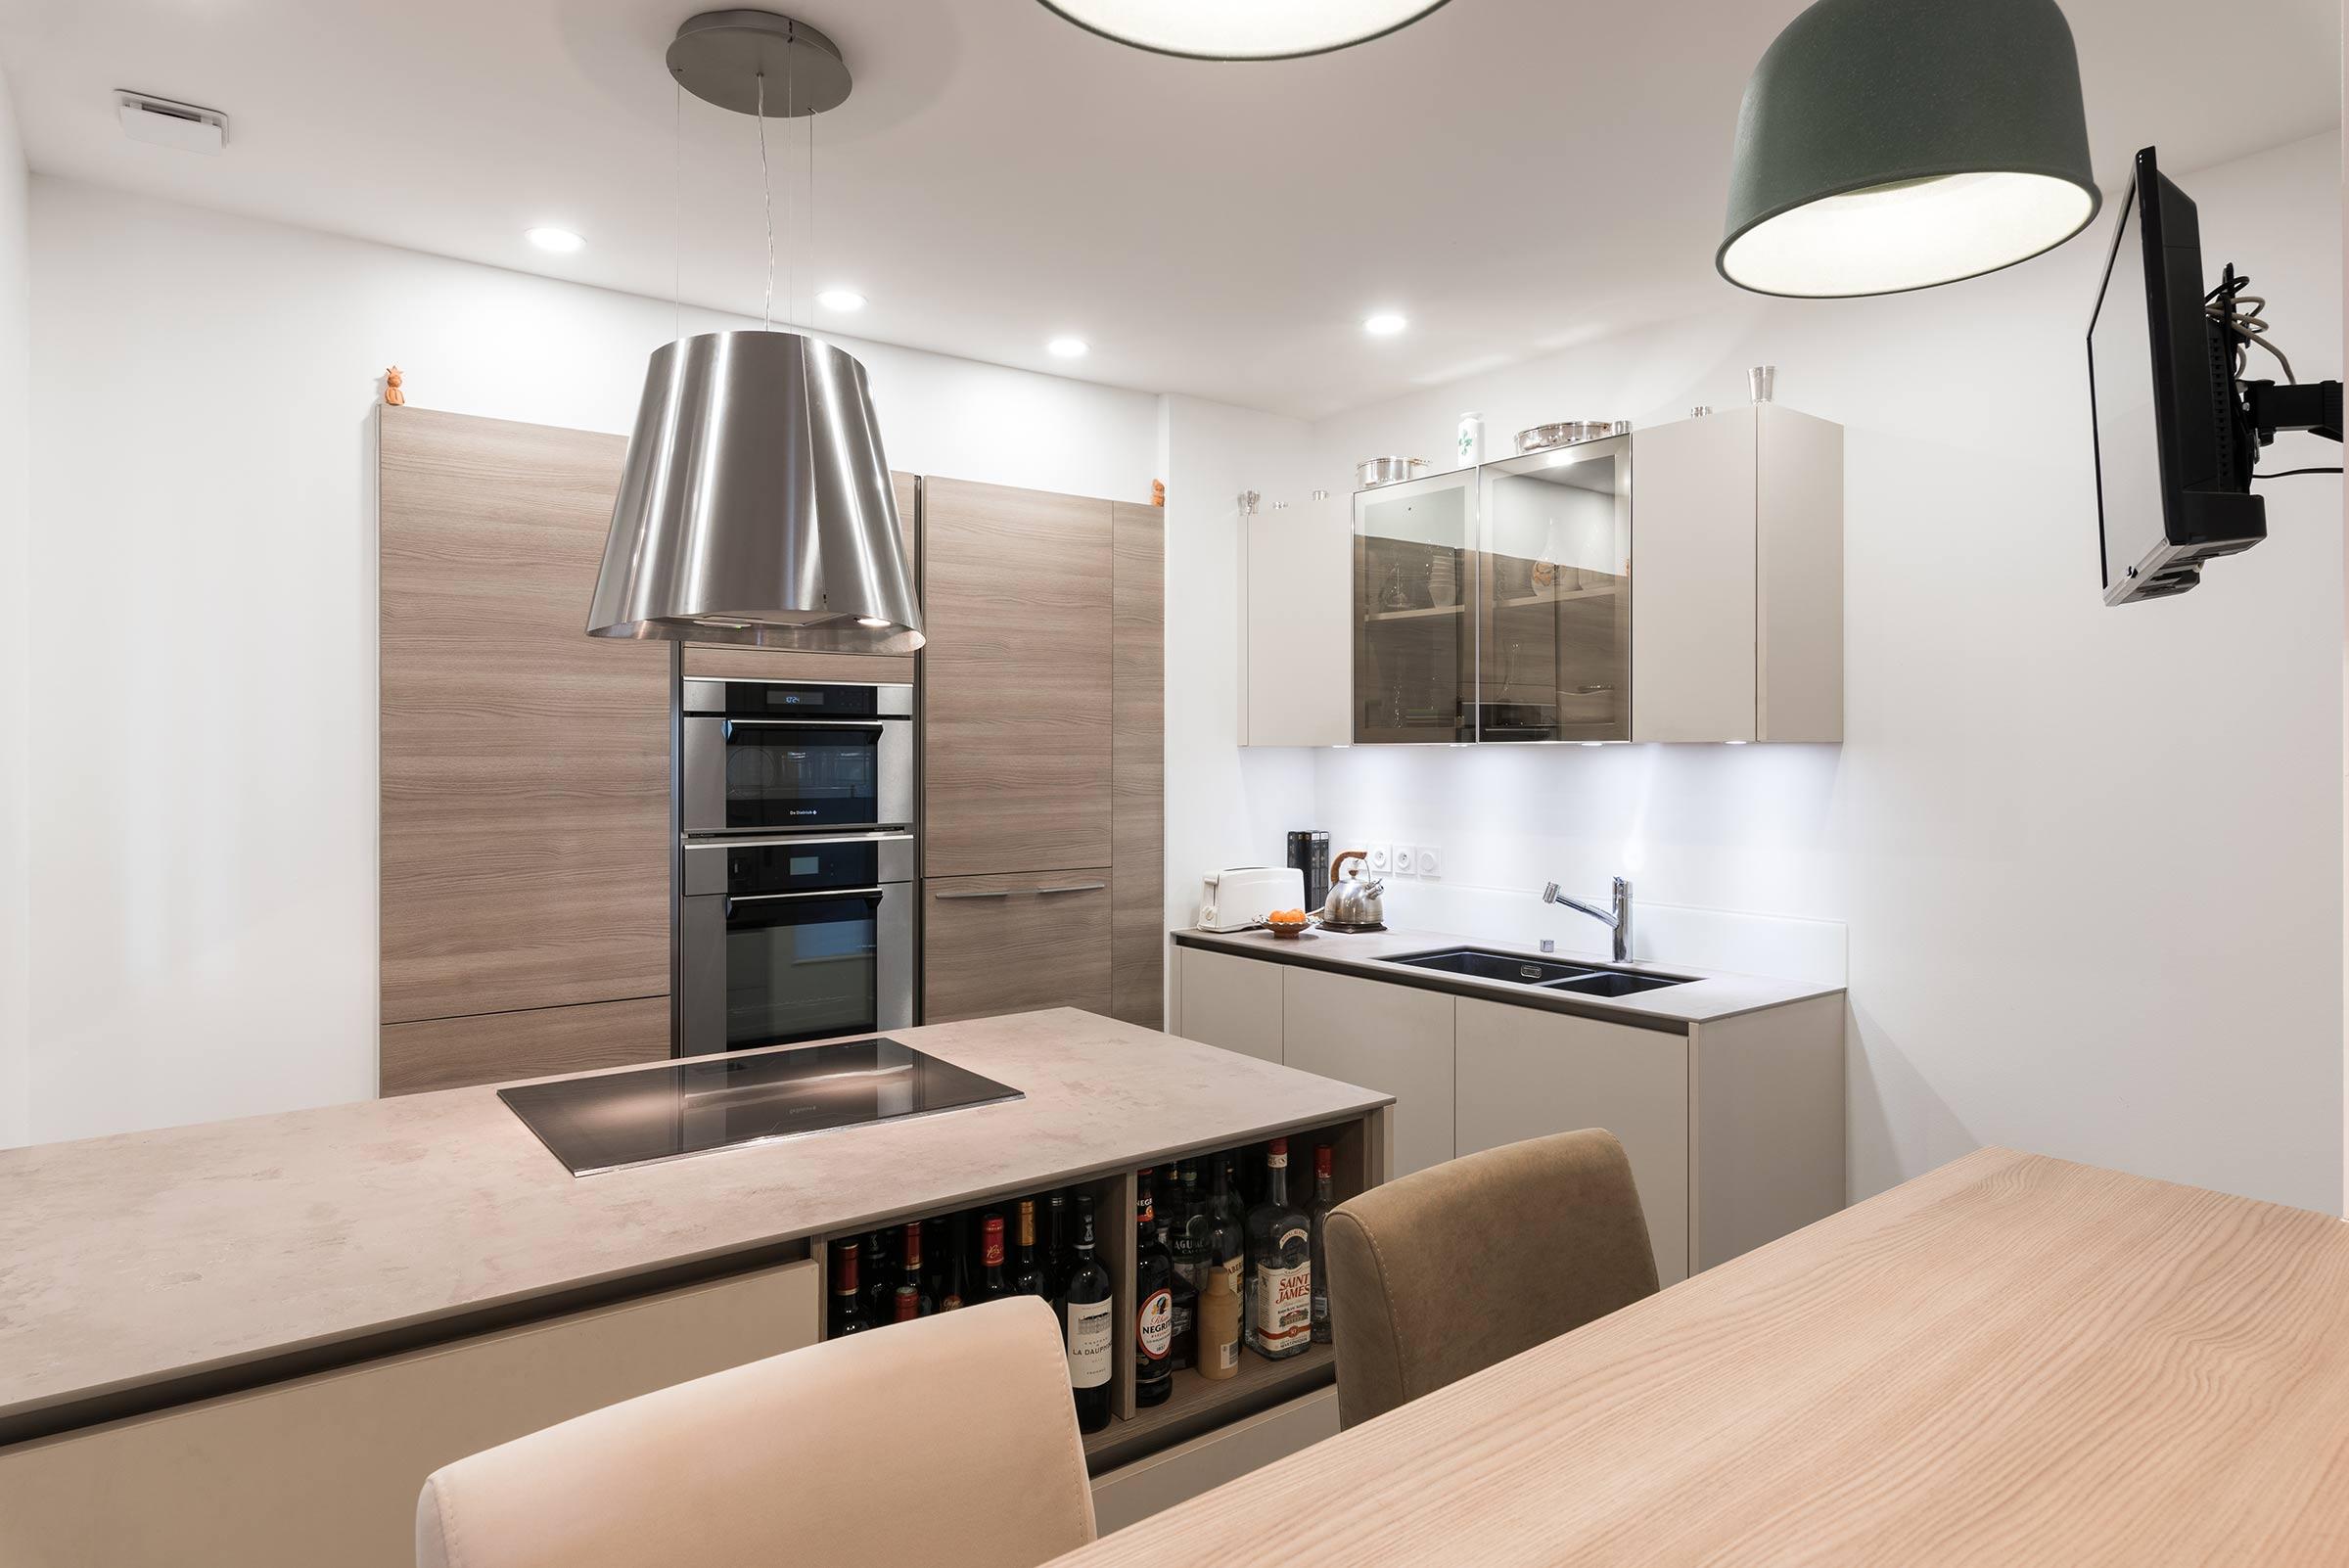 Rénovation cuisine, salle de bain et dressing Brotteaux